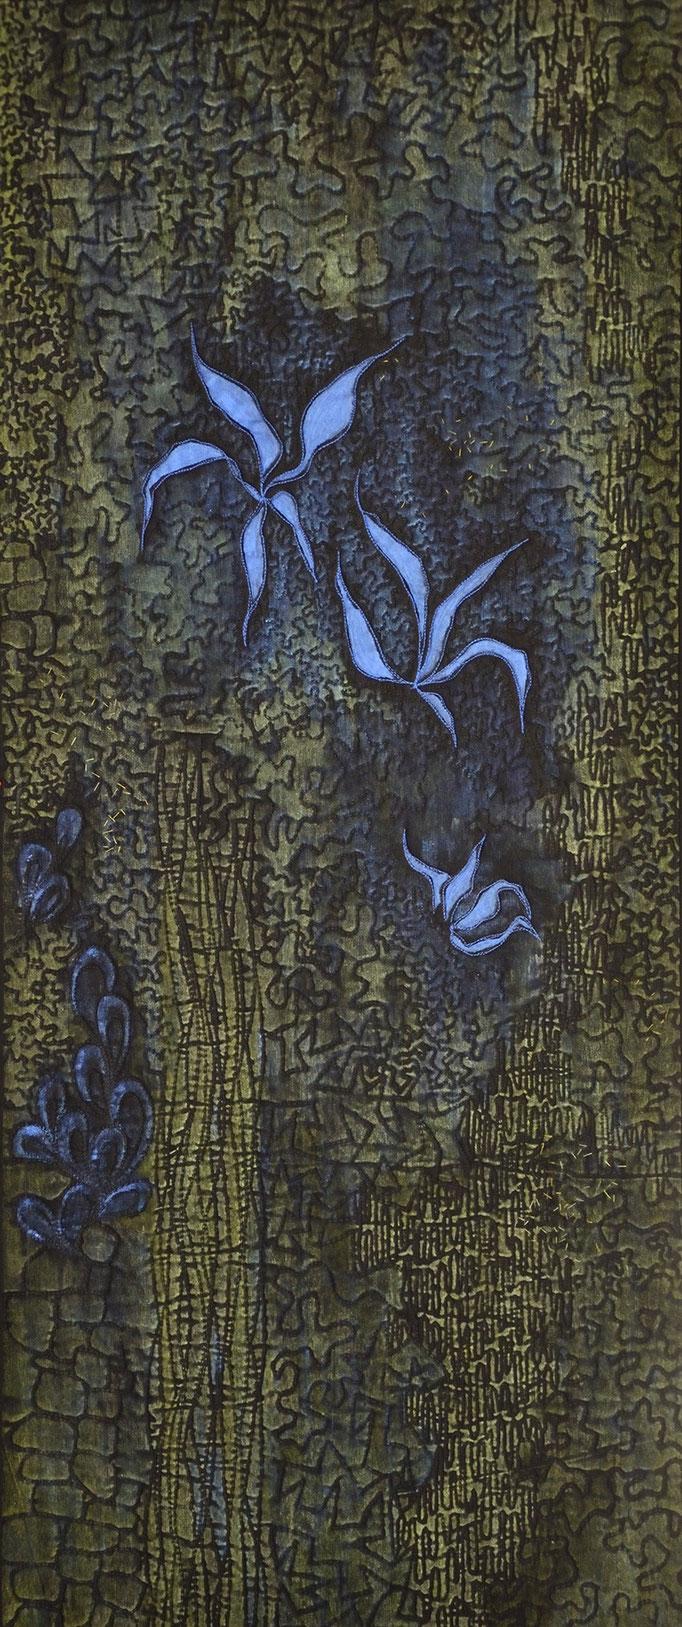 Flora 9, 2010, 94 x 40 cm